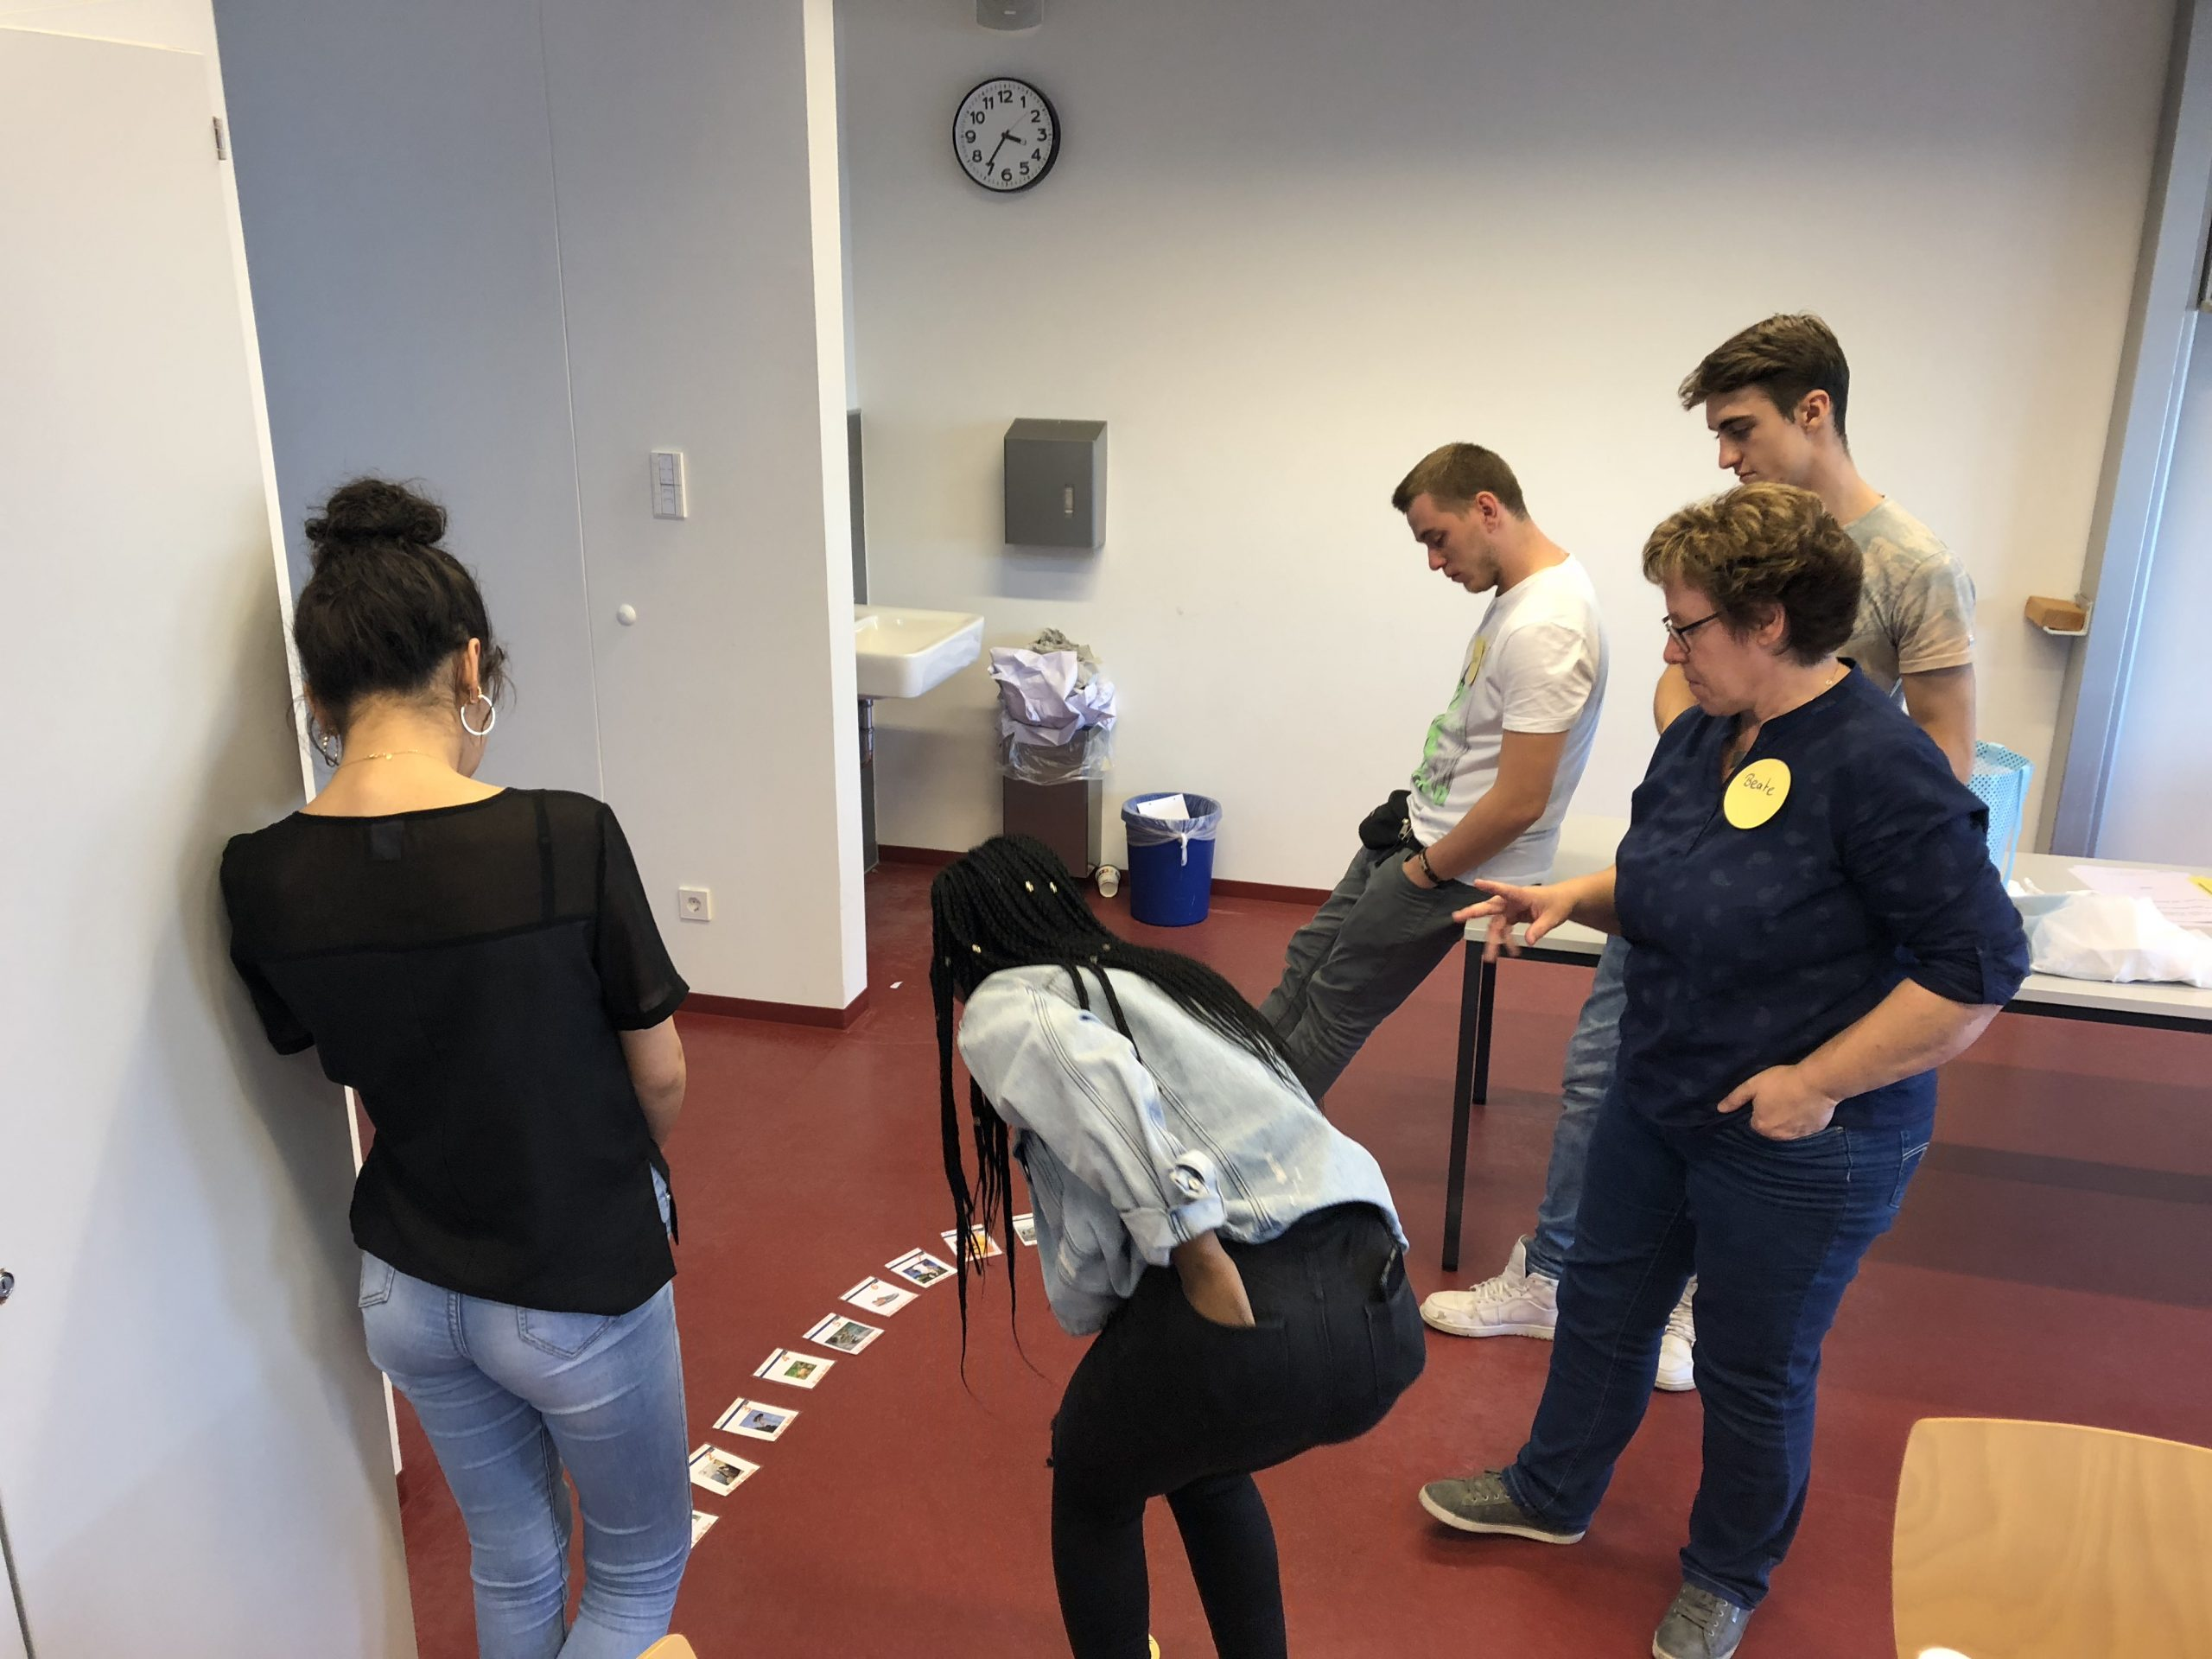 Prüfungs-Überlebens-Training an der HRW –  Mit Motivation und Tricks zum Erfolg